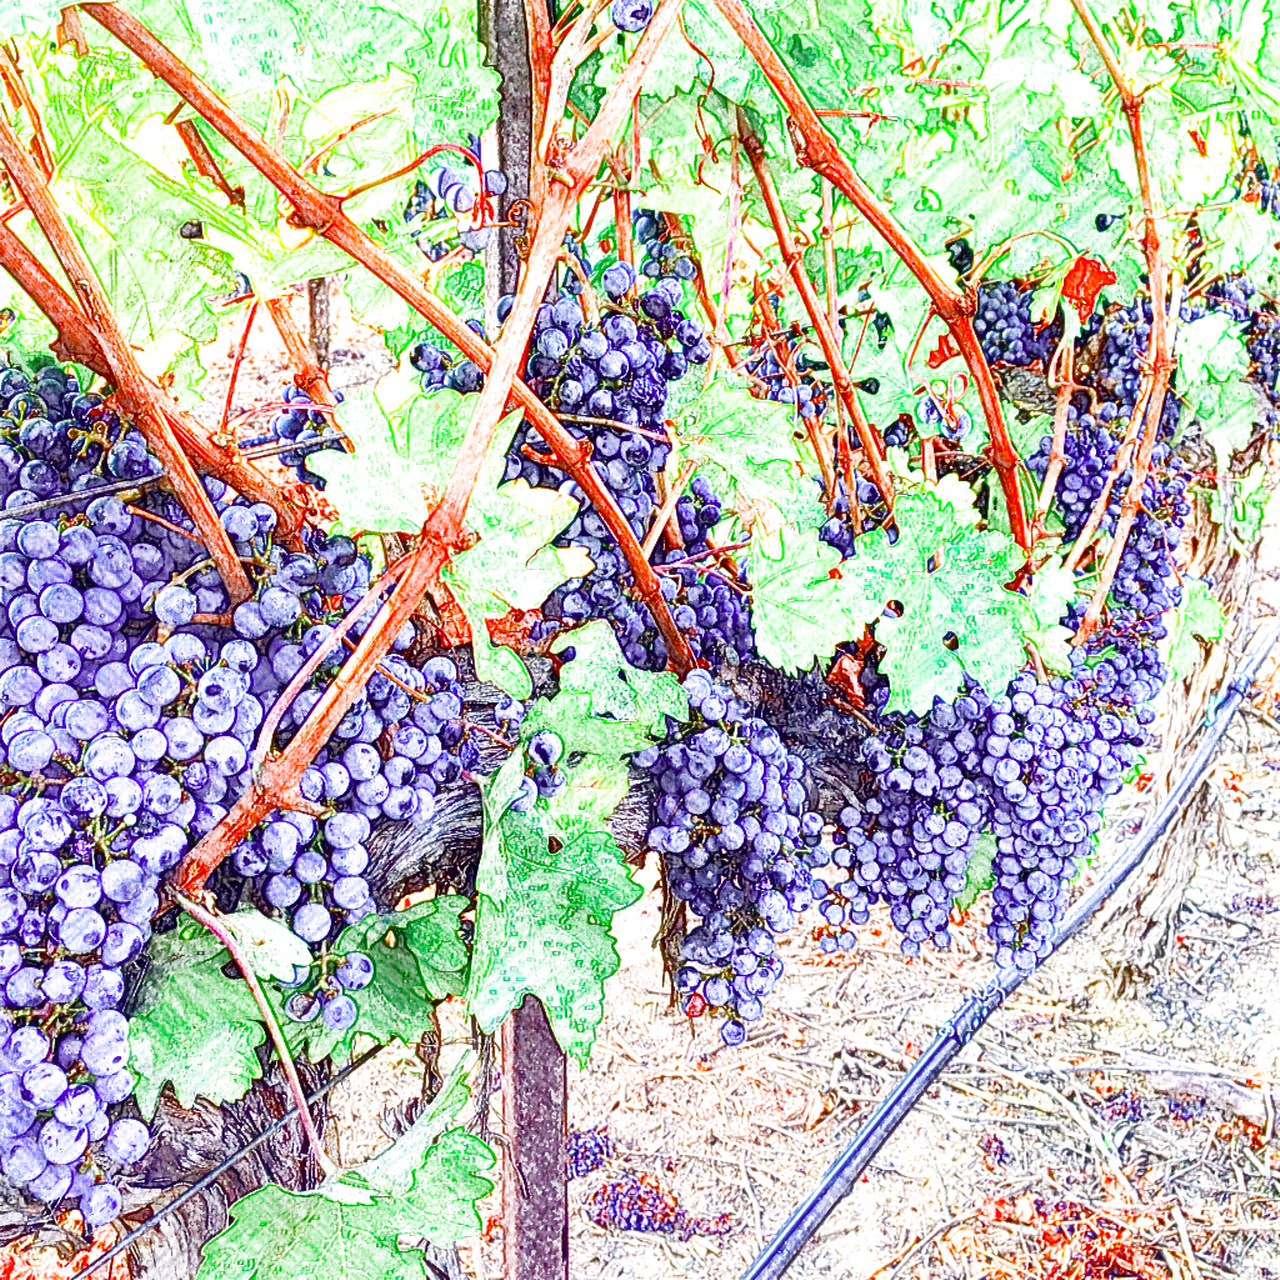 Bordeaux Grape Varieties Red Wine Tasting